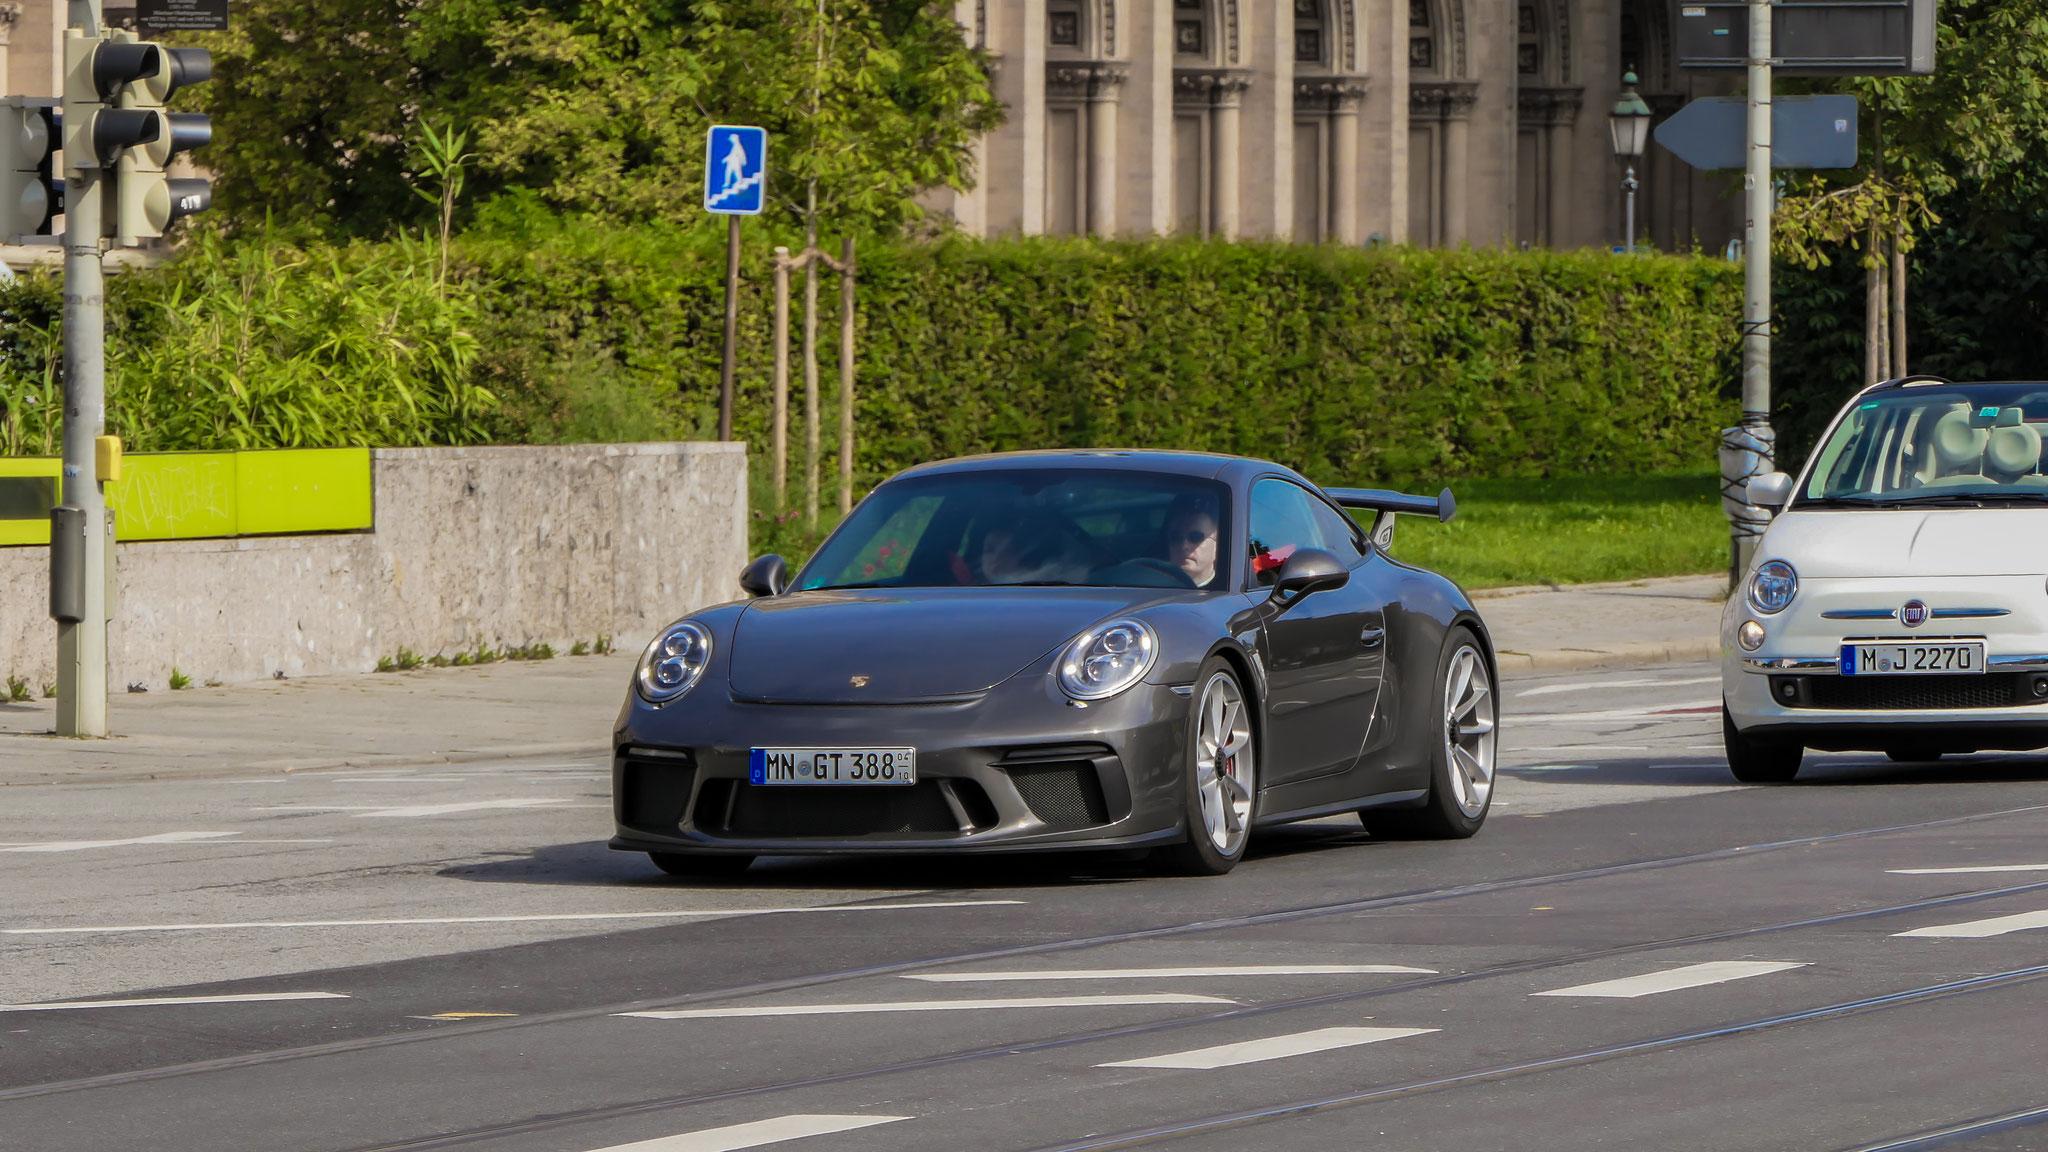 Porsche 991 GT3 - MN-GT-388